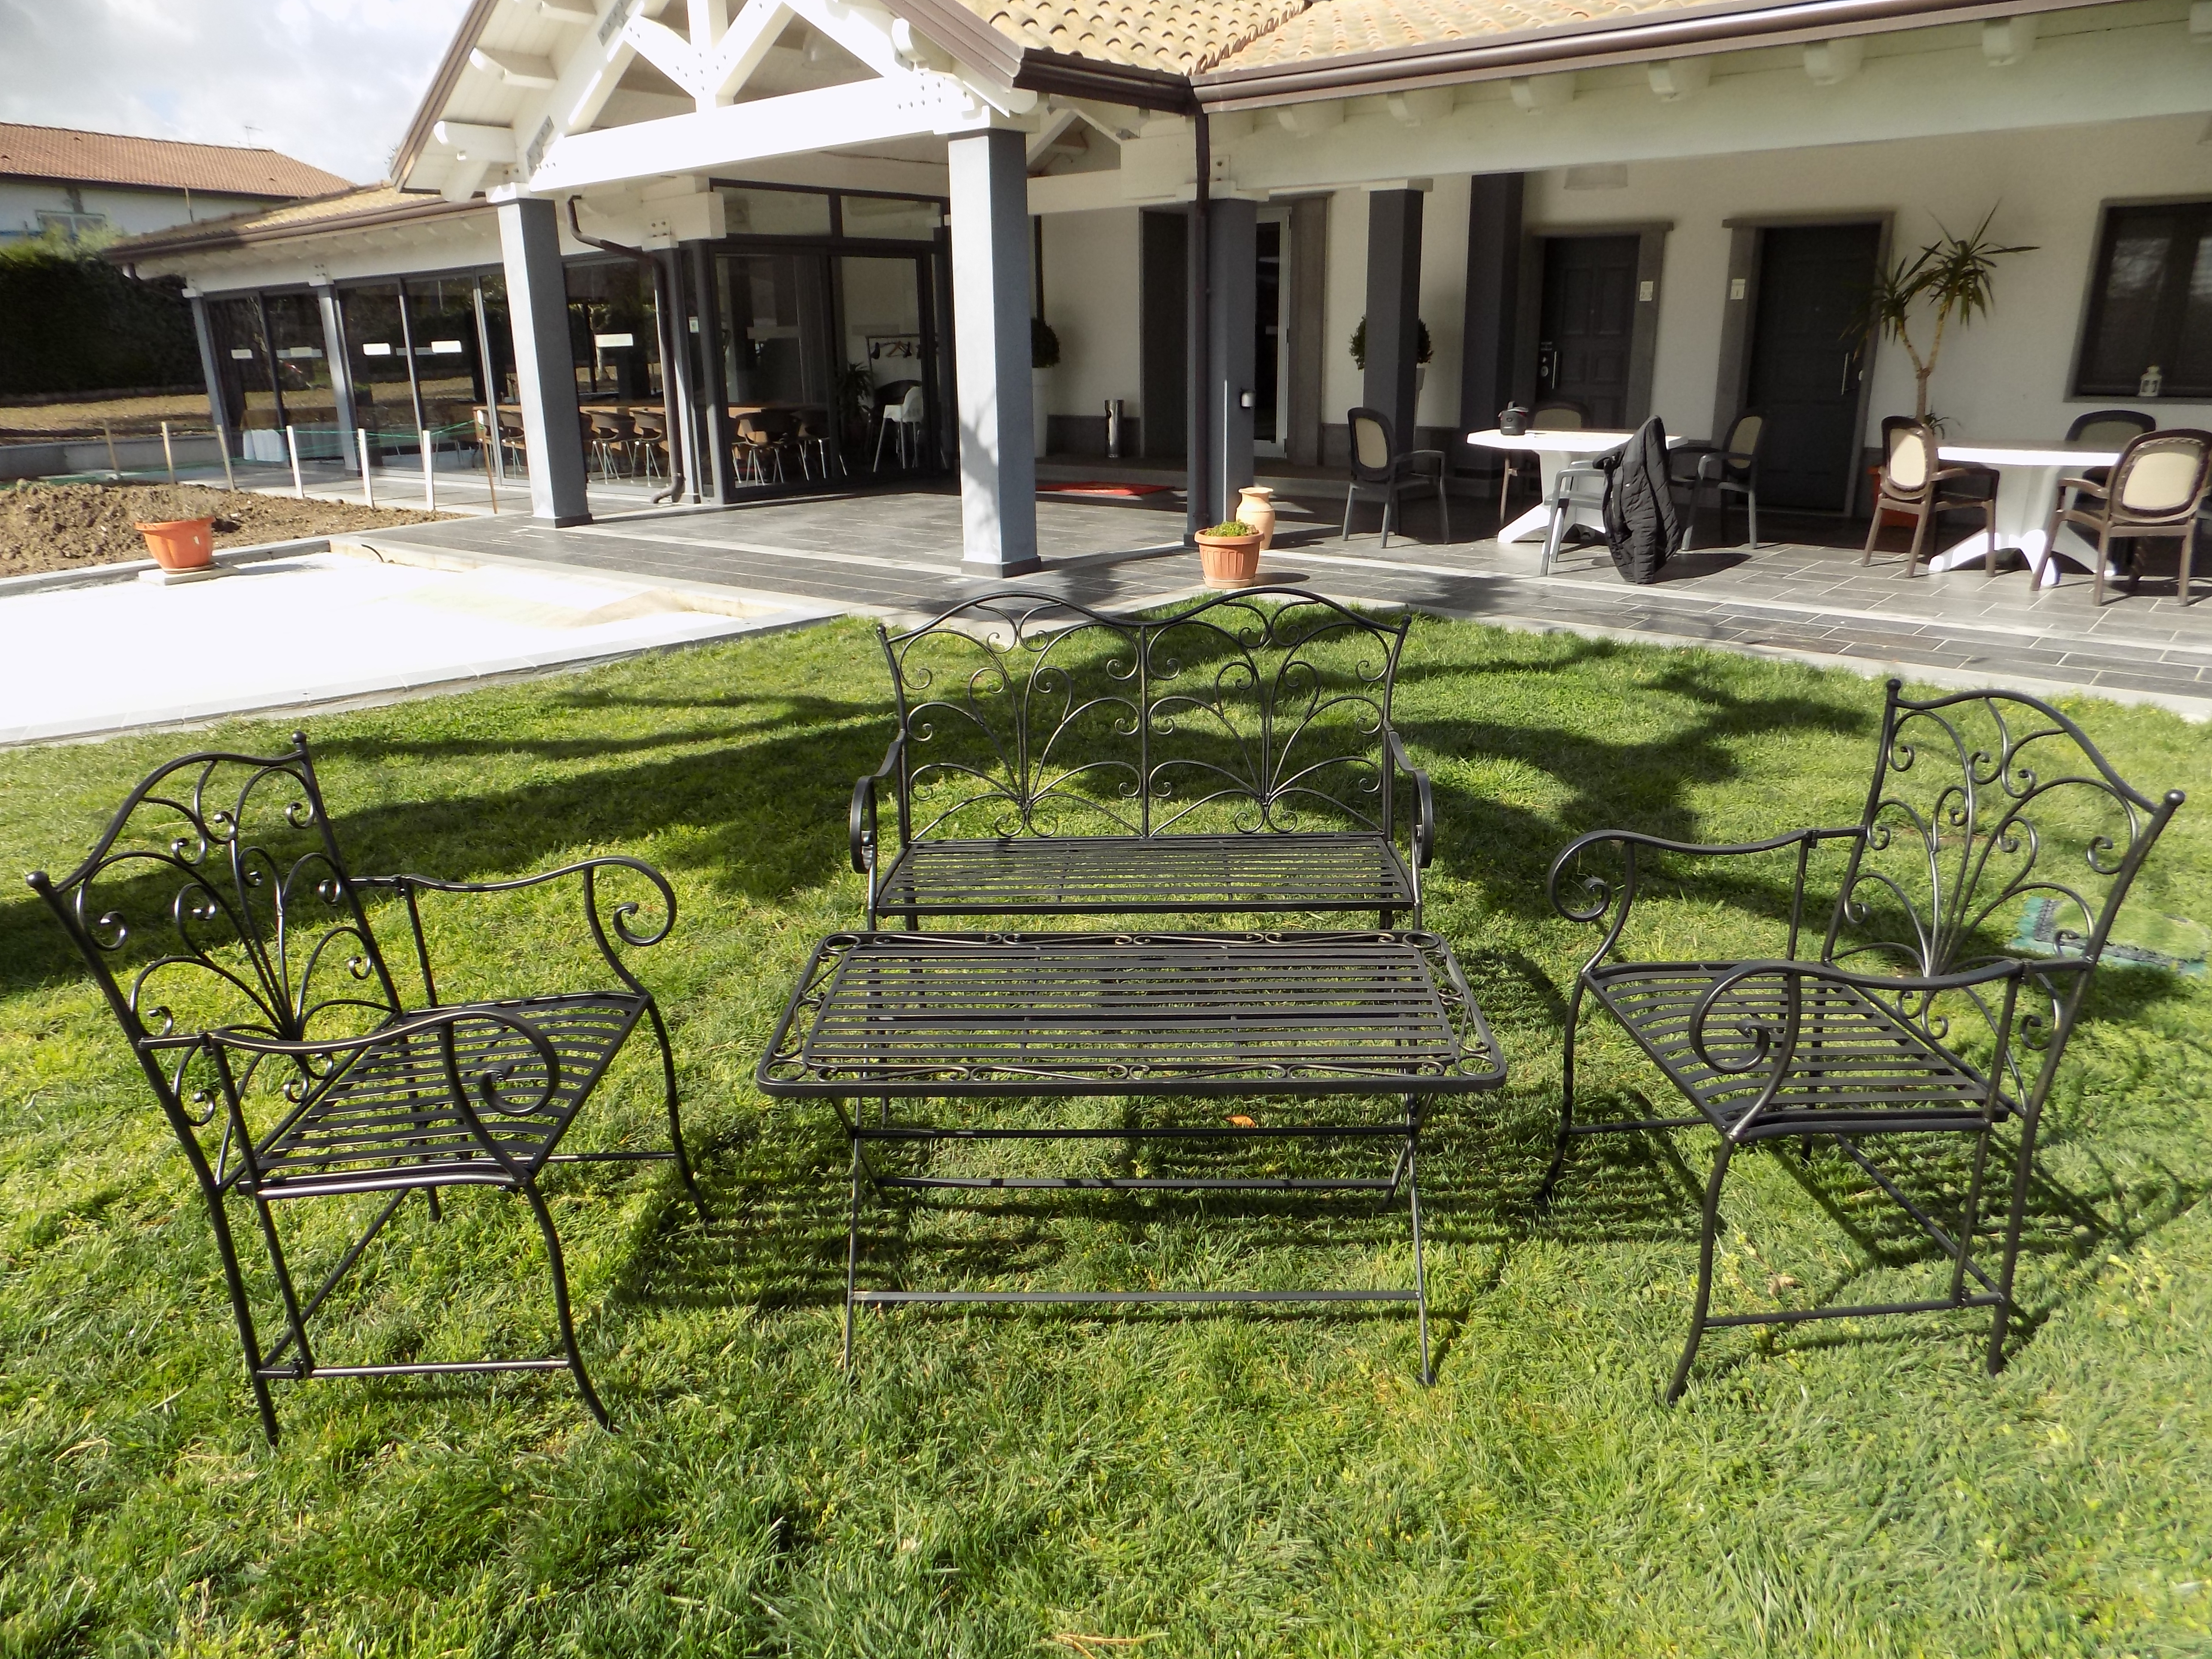 Salotto firenze in ferro nero antico 1 divano 2 poltrone 1 tavolinetto nolo service - Divano ferro battuto antico ...